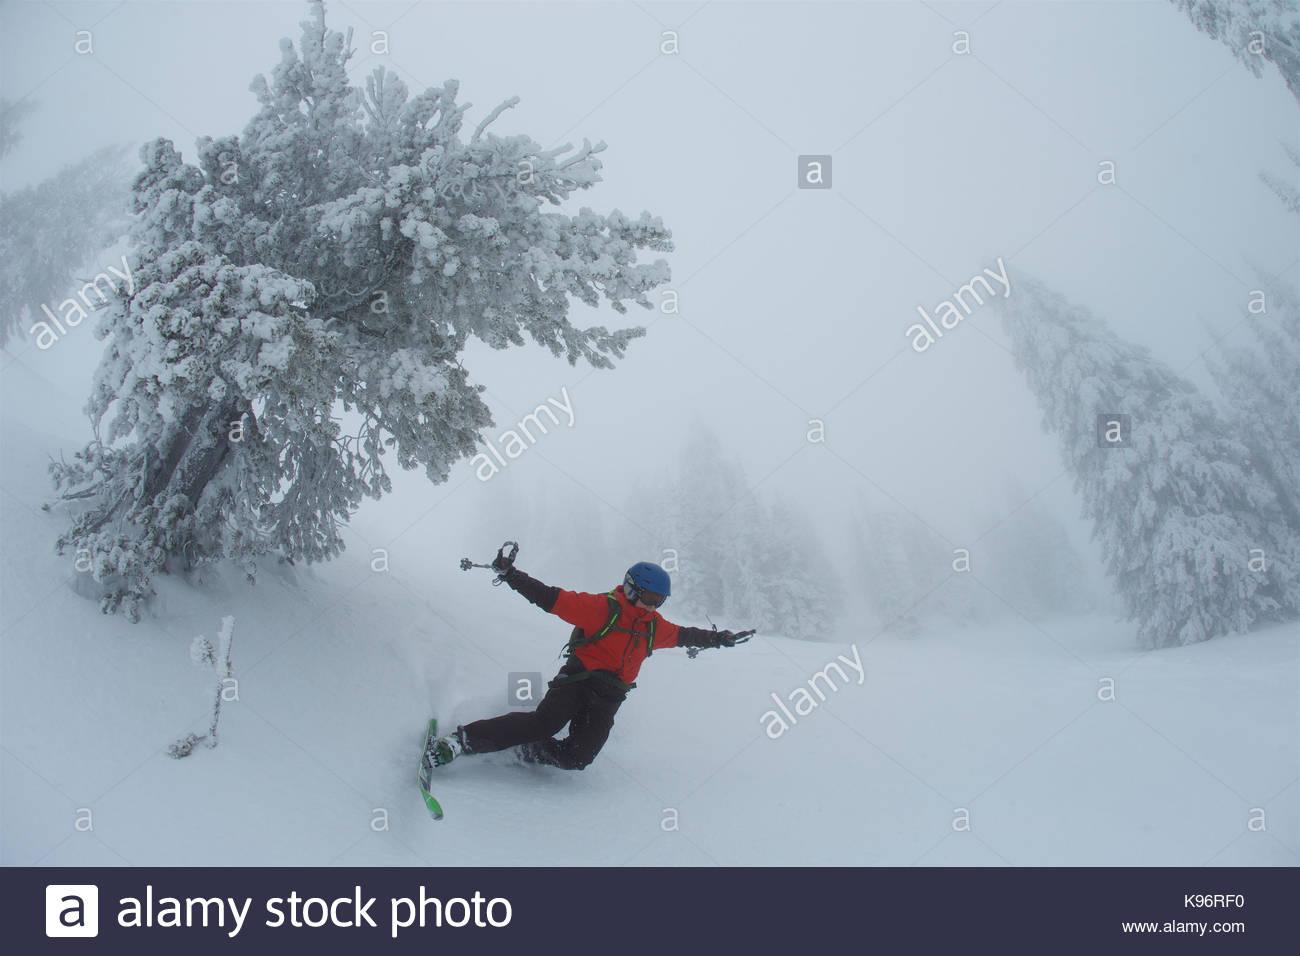 Un jeune garçon tombe tandis que le ski par temps brumeux, un voile blanc près de rime couvertes de conifères. Photo Stock